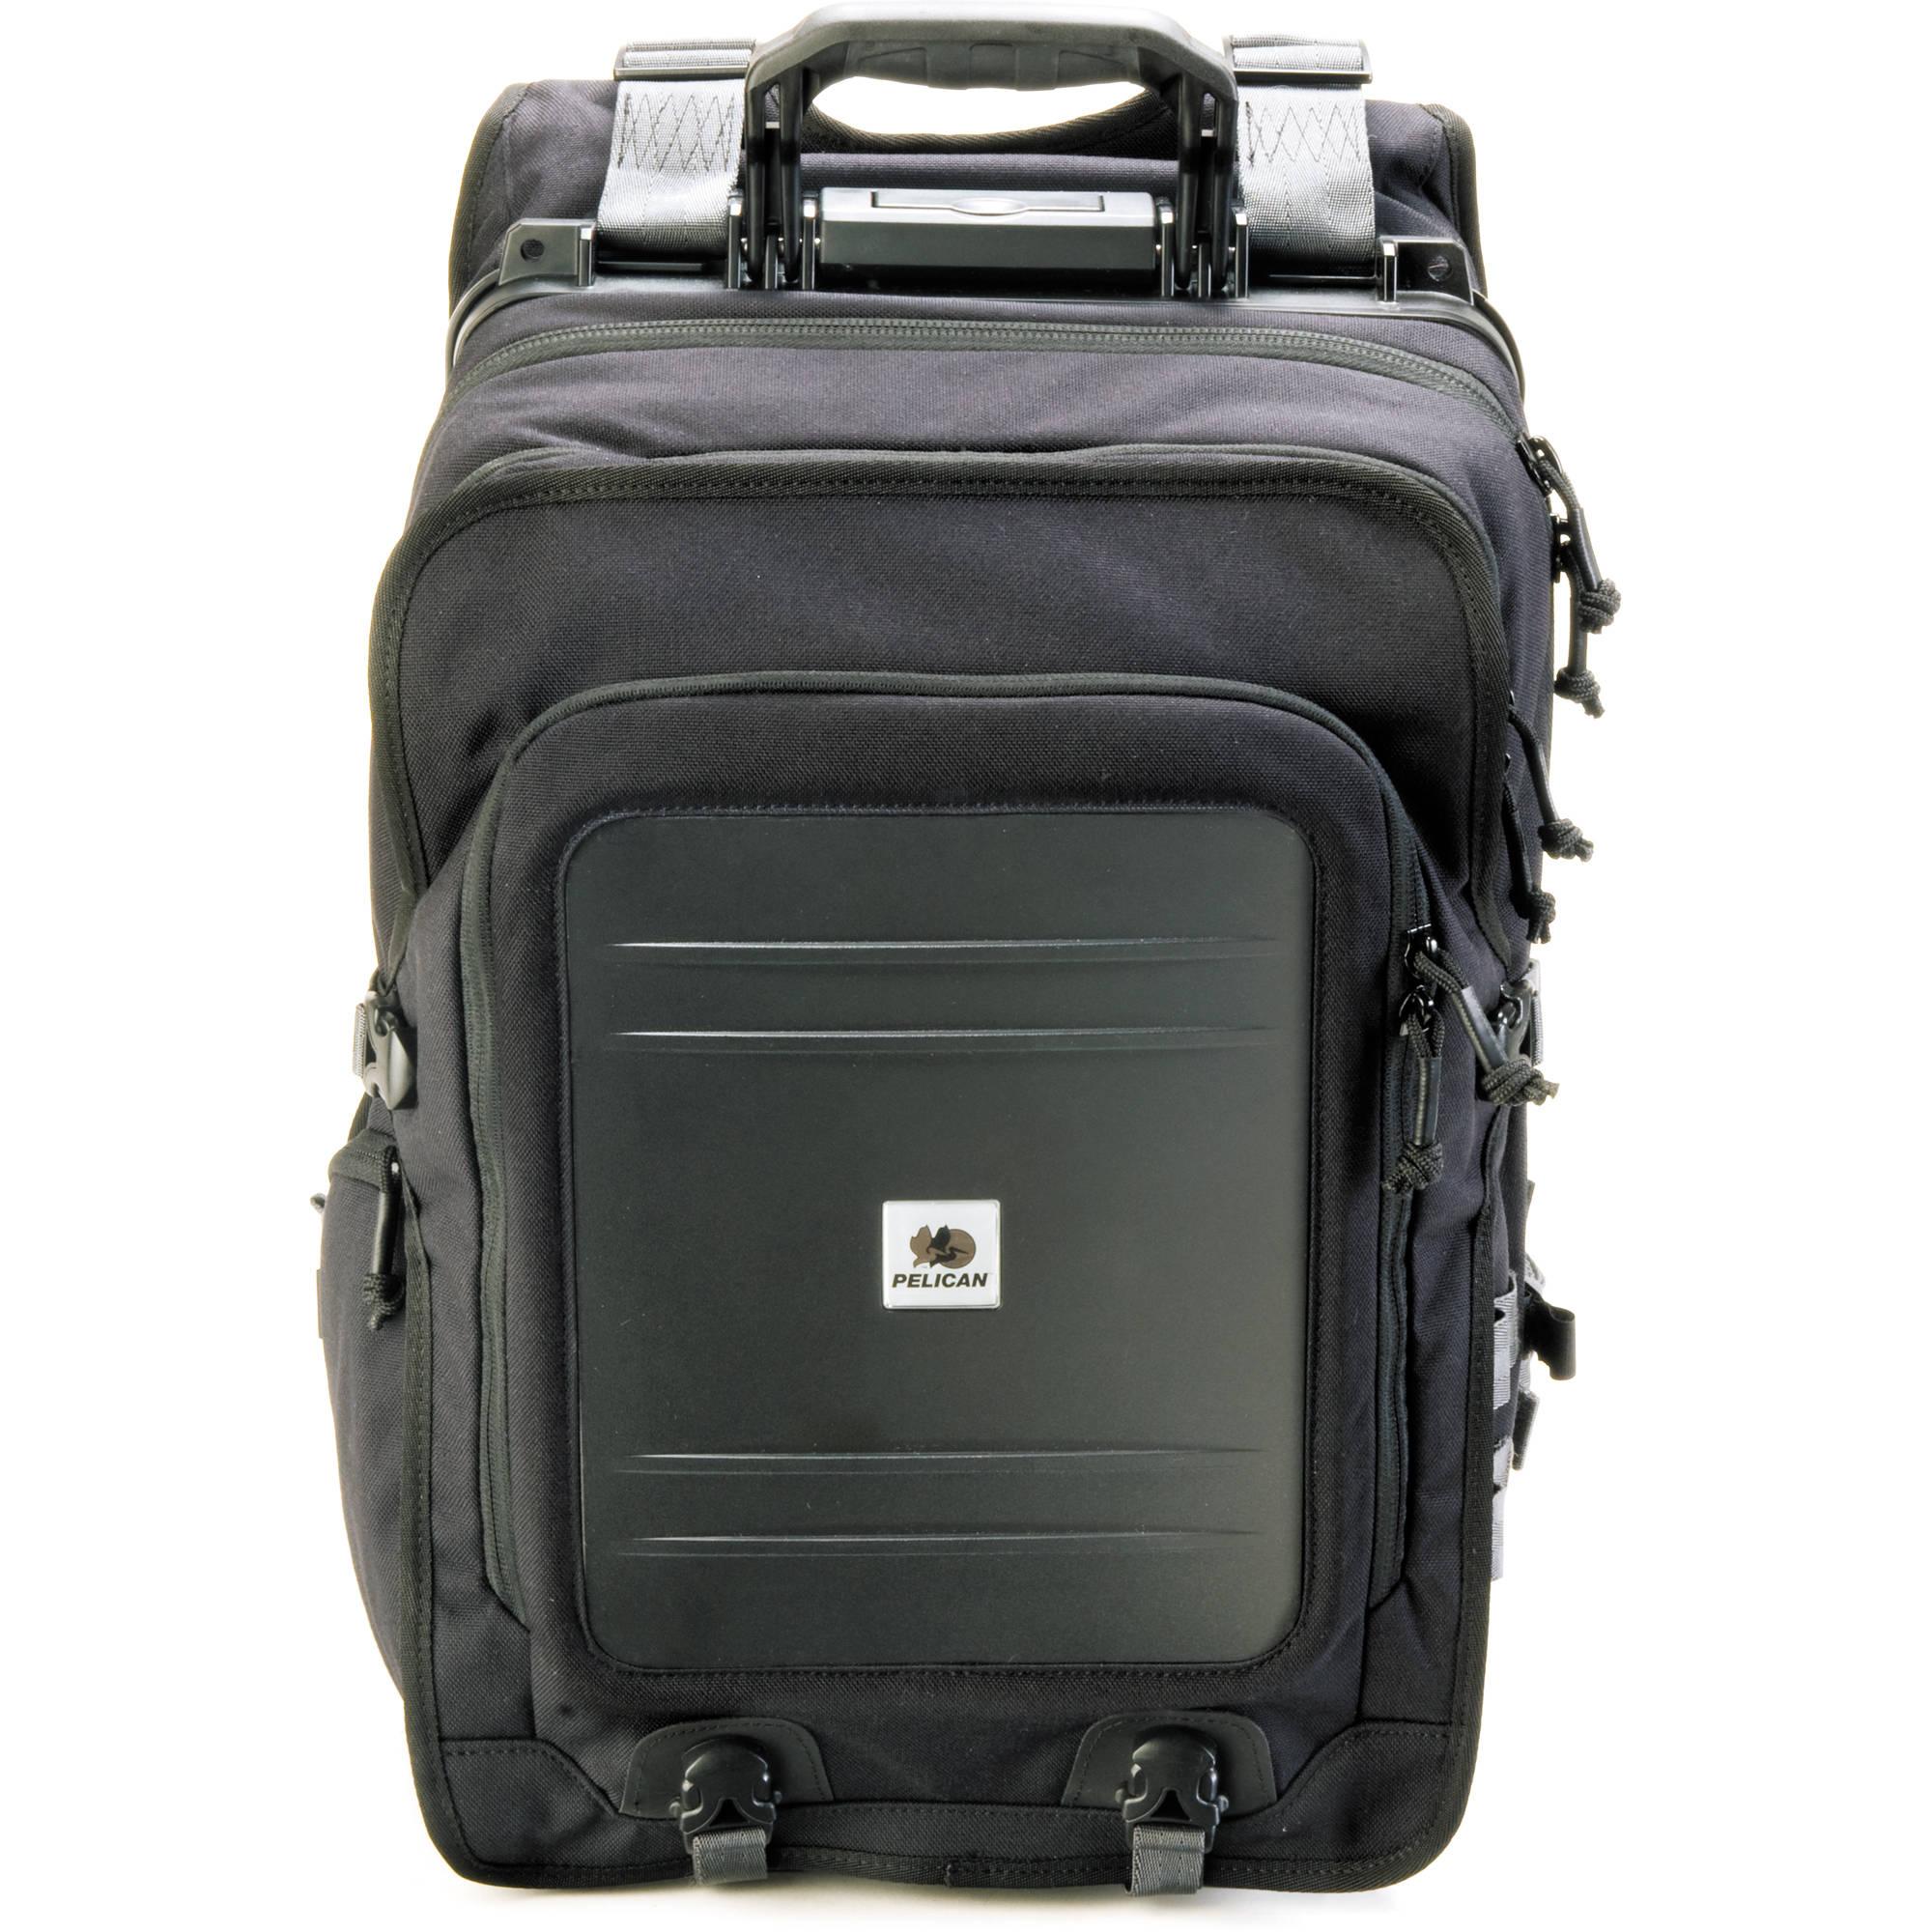 74805aae38b2 Pelican U100 Urban Elite Backpack for 17